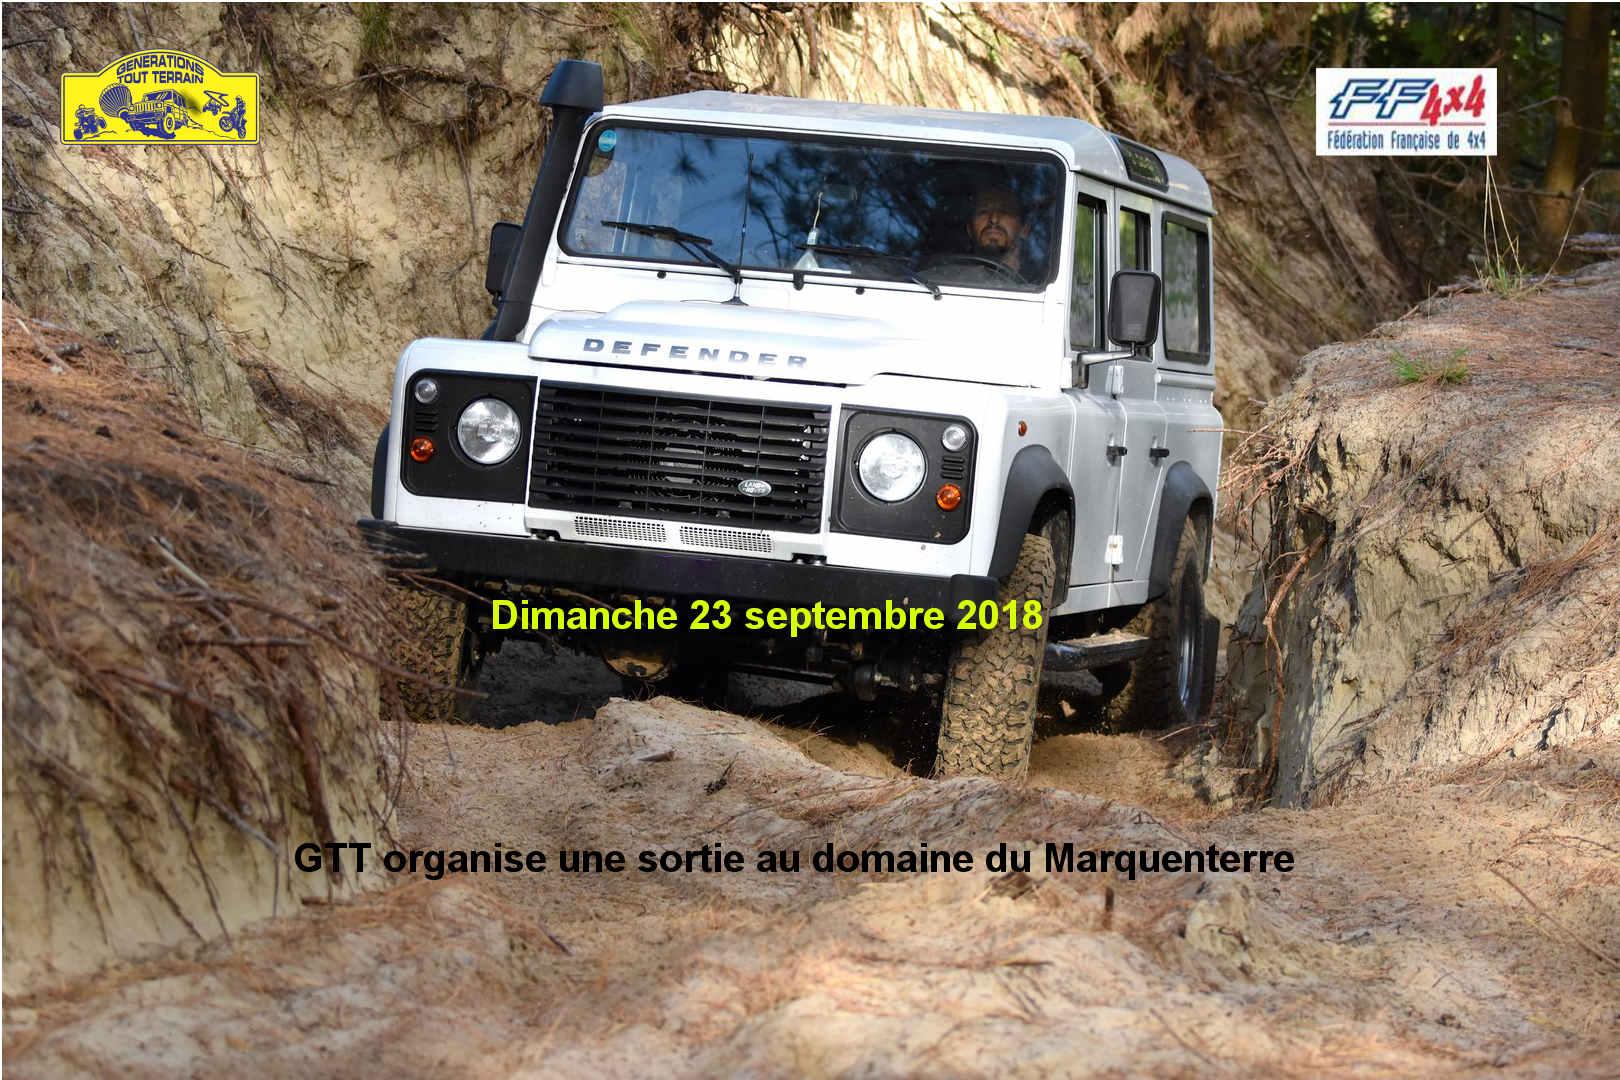 Marquenterre @ Domaine du Marquenterre